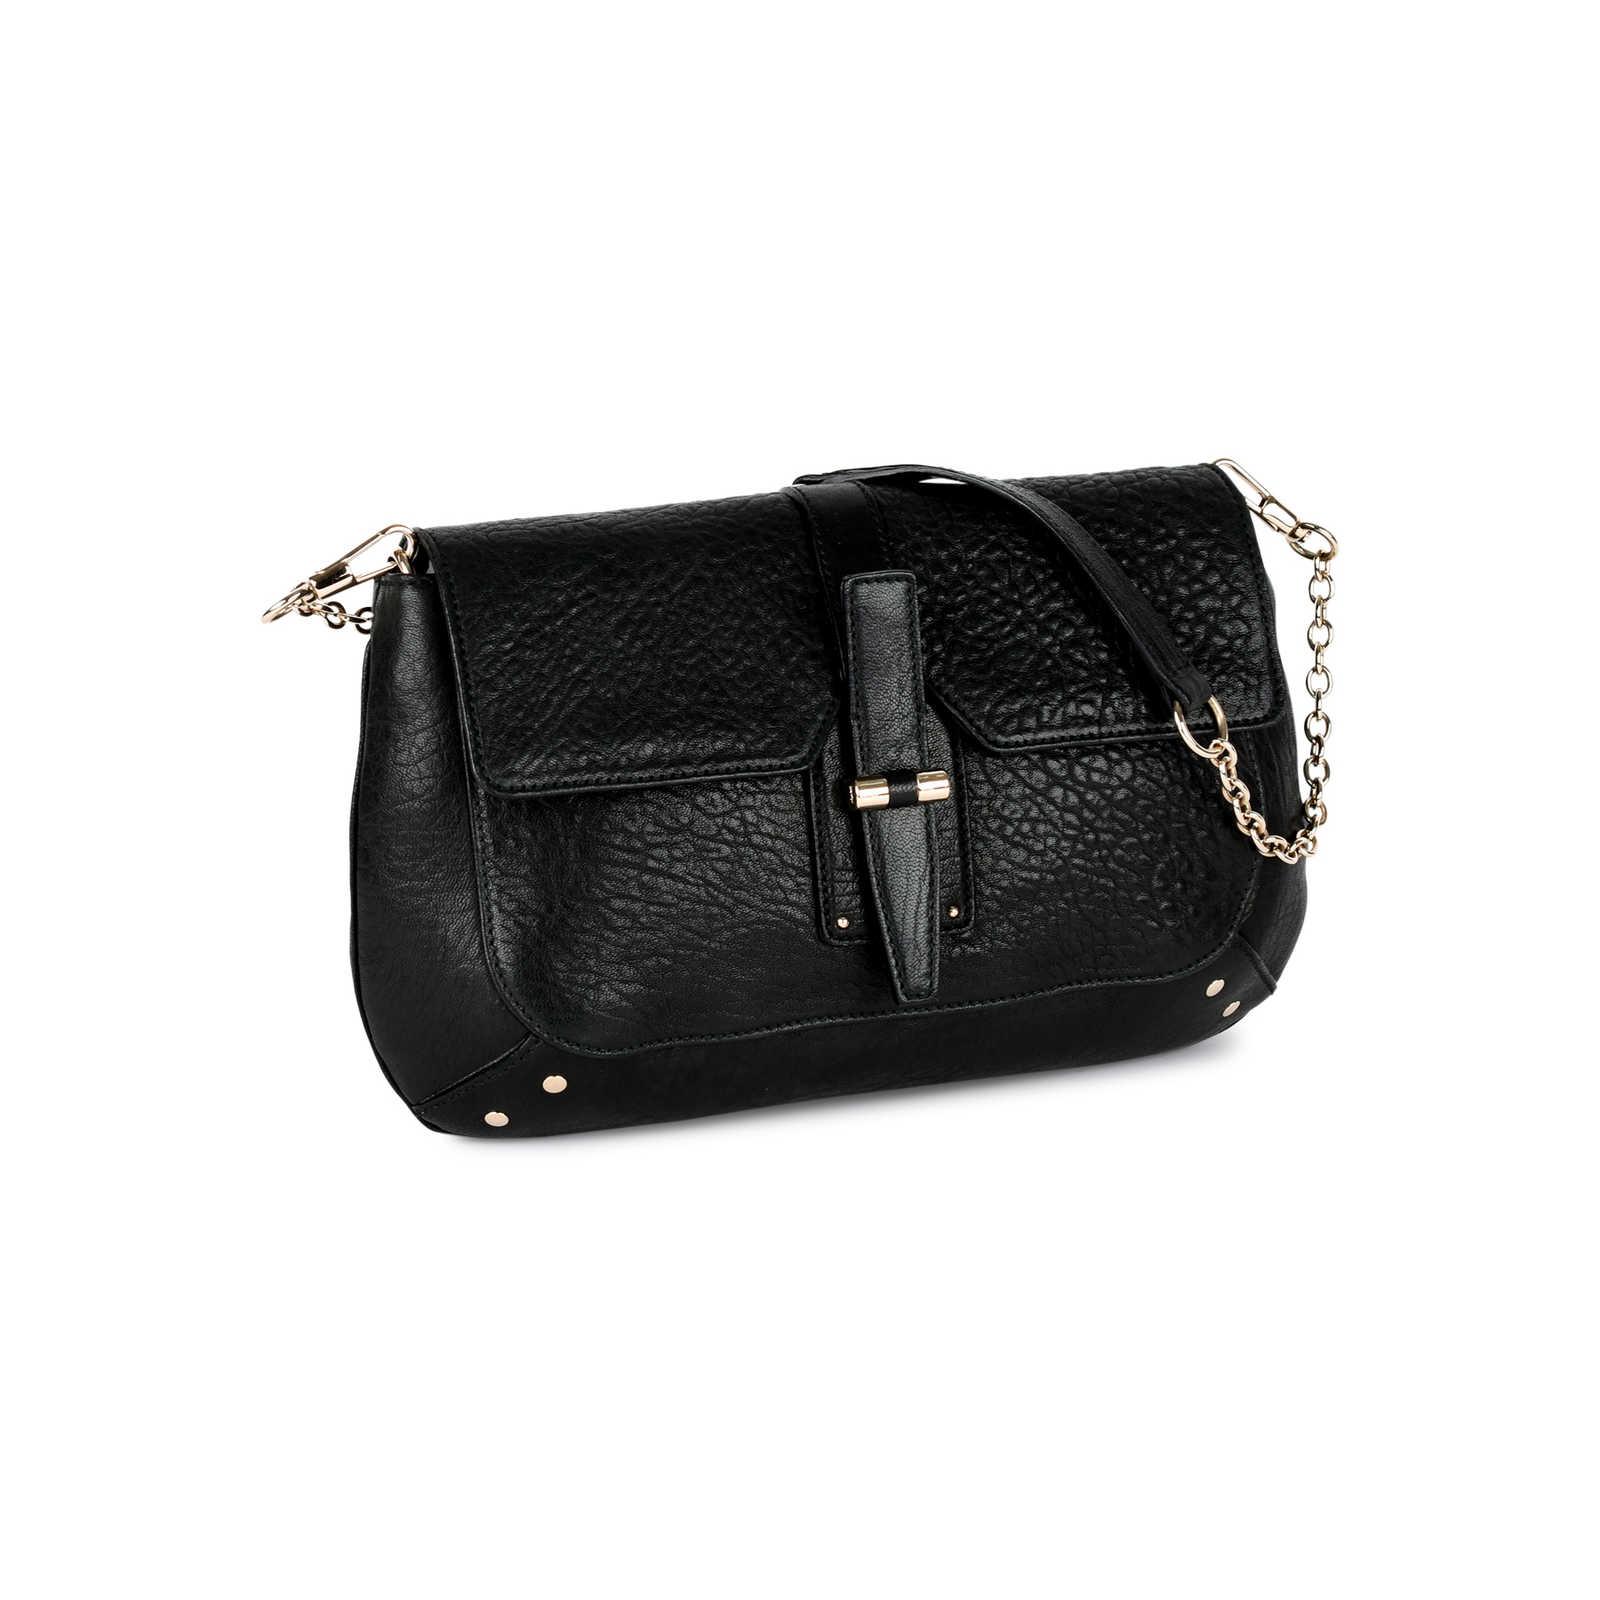 ... Authentic Second Hand Yves Saint Laurent Shoulder Bag (PSS-442-00012)  ... 0f5c3bafd4706